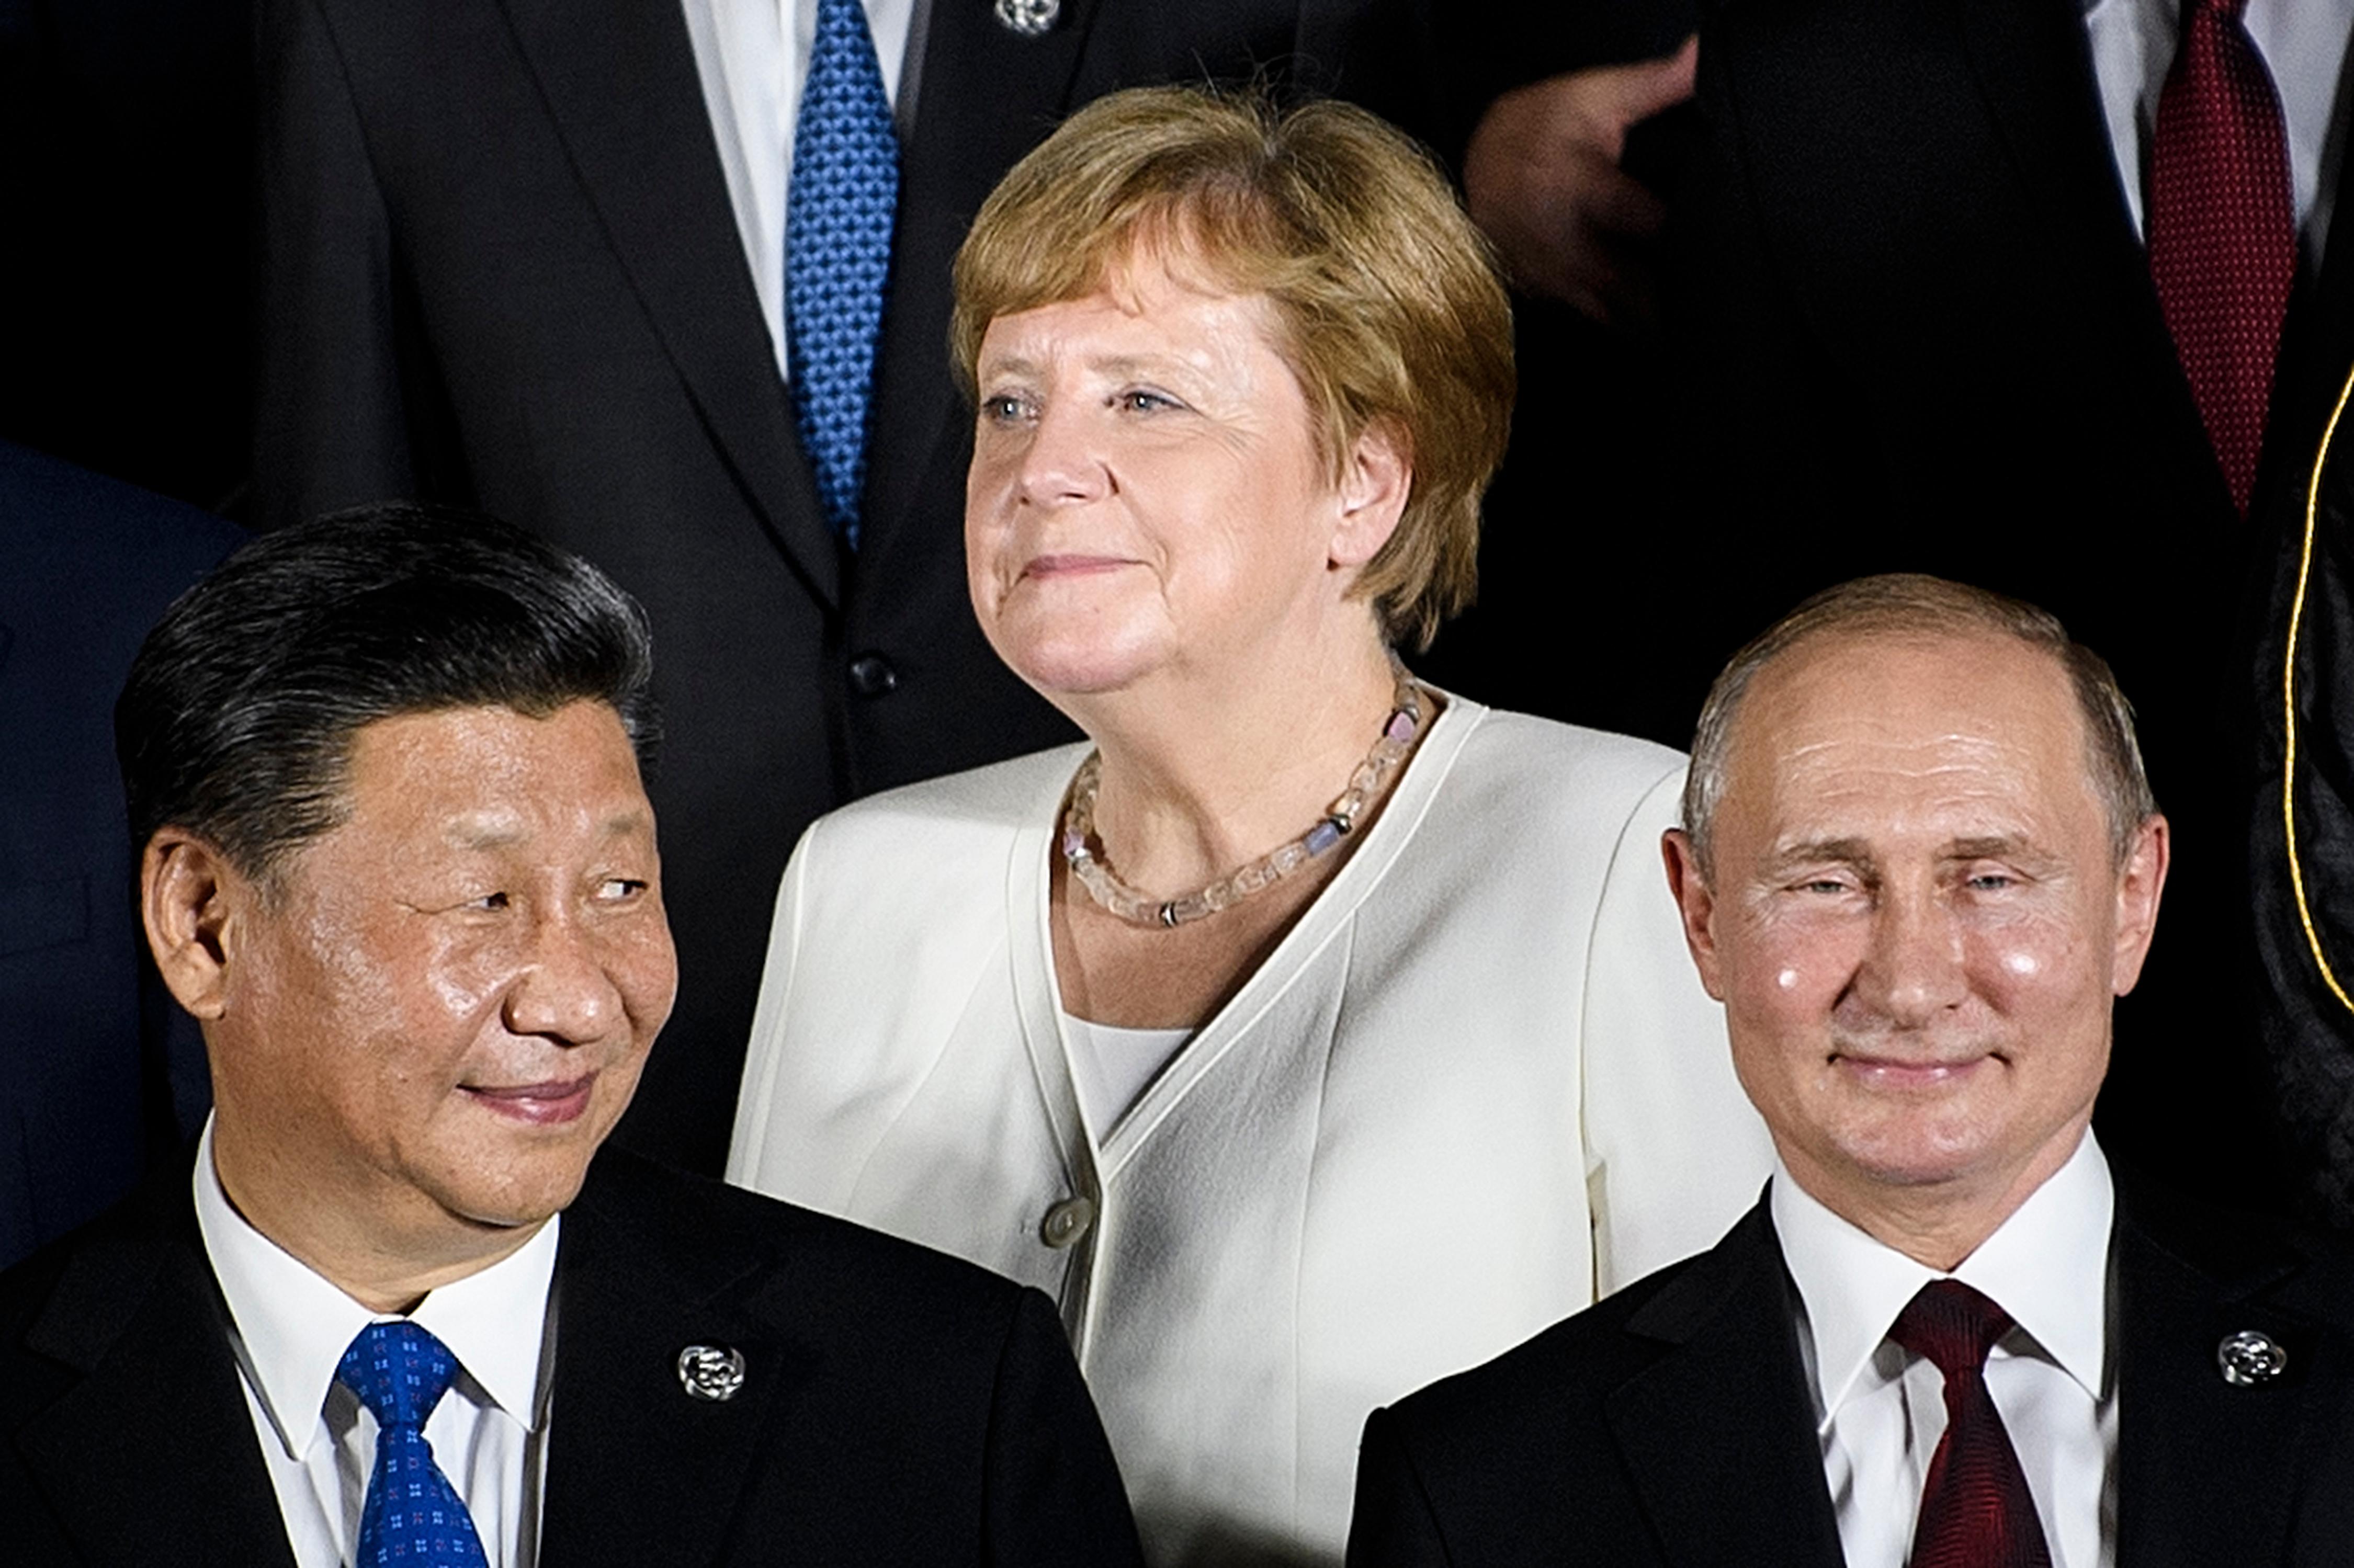 """""""Merkel oszakai képei olyan kancellárt mutatnak, aki teljességgel aktív és egészséges"""", mondta a helyettes kormányszóvivő"""